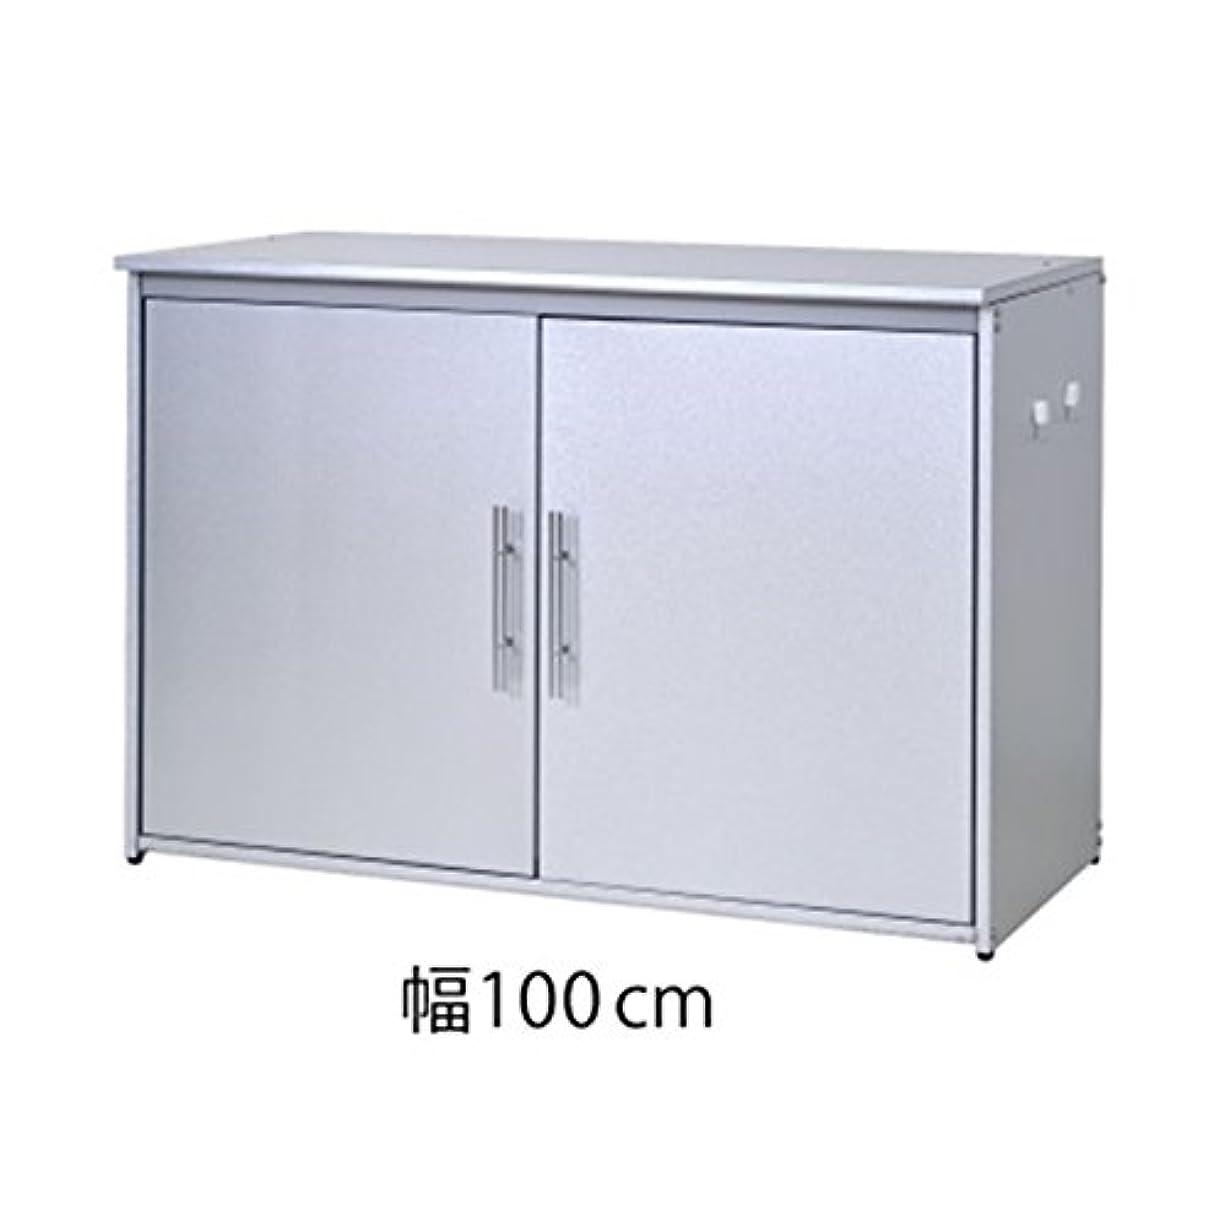 選挙スリムストリーム足立製作所 日本製 ダスト収納庫 オールガルバ製 幅100cmタイプ